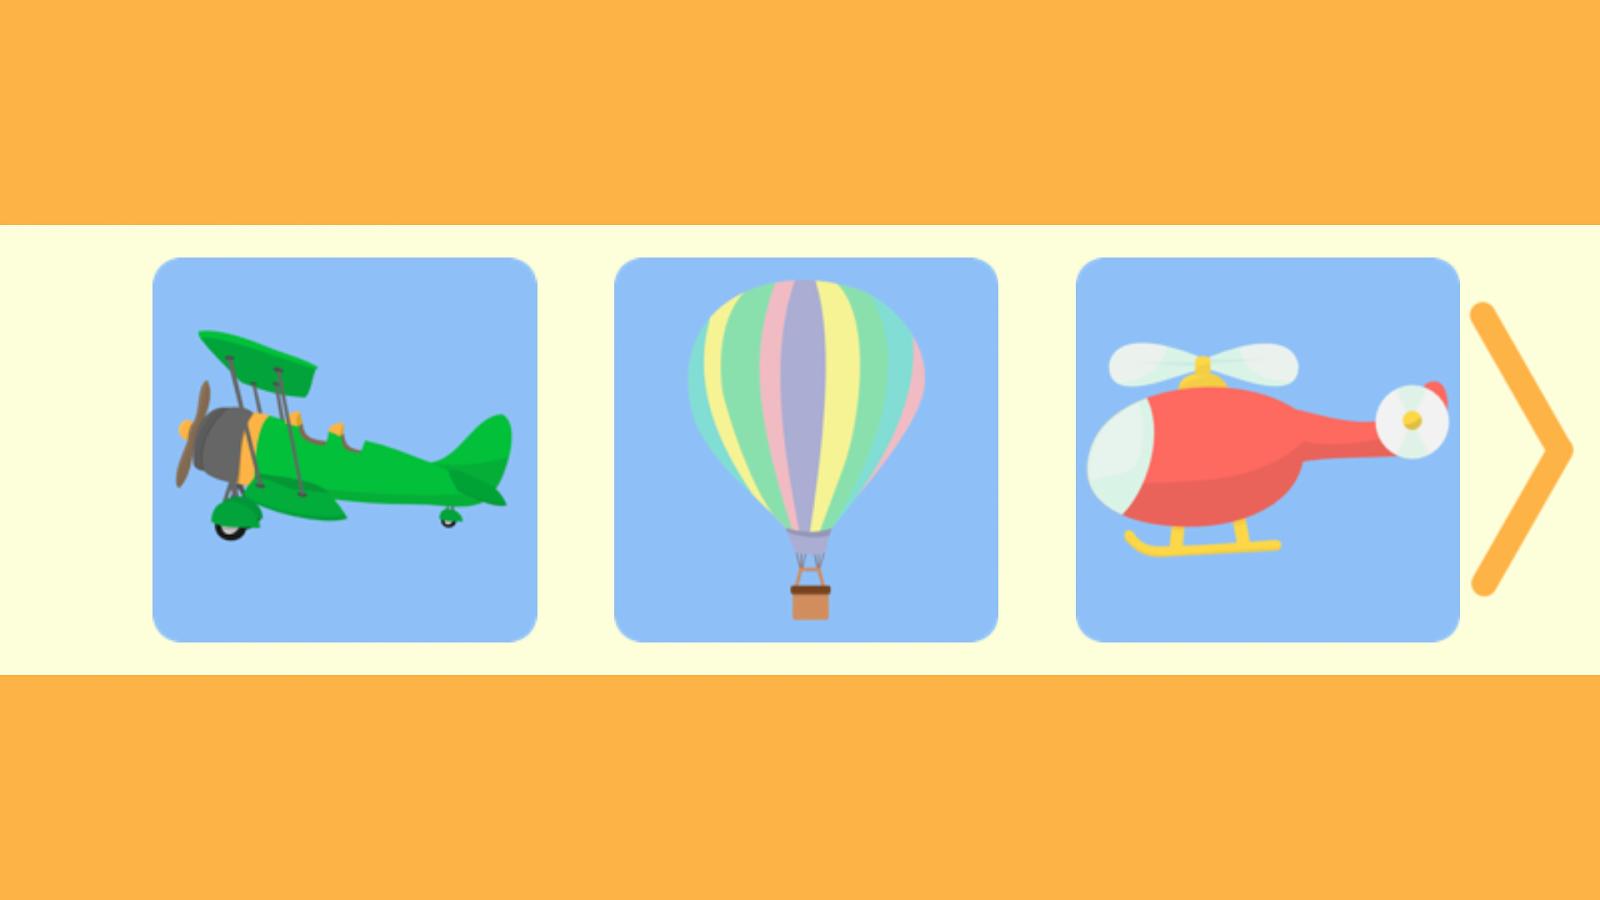 益智玩具飞机为孩子是一个了不起的,教育游戏,这是专门为孩子们设计的,这就是为什么它是为您的孩子很好的选择!益智玩具飞机为孩子的游戏,你可以找到玩具飞机(飞机,avionette,气球,风筝,直升机,火箭,飞船等),您的孩子一定会喜欢很多漂亮的图形。在这个简单的游戏的孩子需要移动的小拼图到正确的地方去发现完整的图像。一旦你的孩子露出全貌,他们会看到飞机的名称和它的特有的声音。益智玩具飞机为孩子是很好的选择,这款游戏将帮助孩子提高他们的认知和匹配的技能!对益智玩具飞机为孩子的特点:很多五颜六色的拼图许多不同